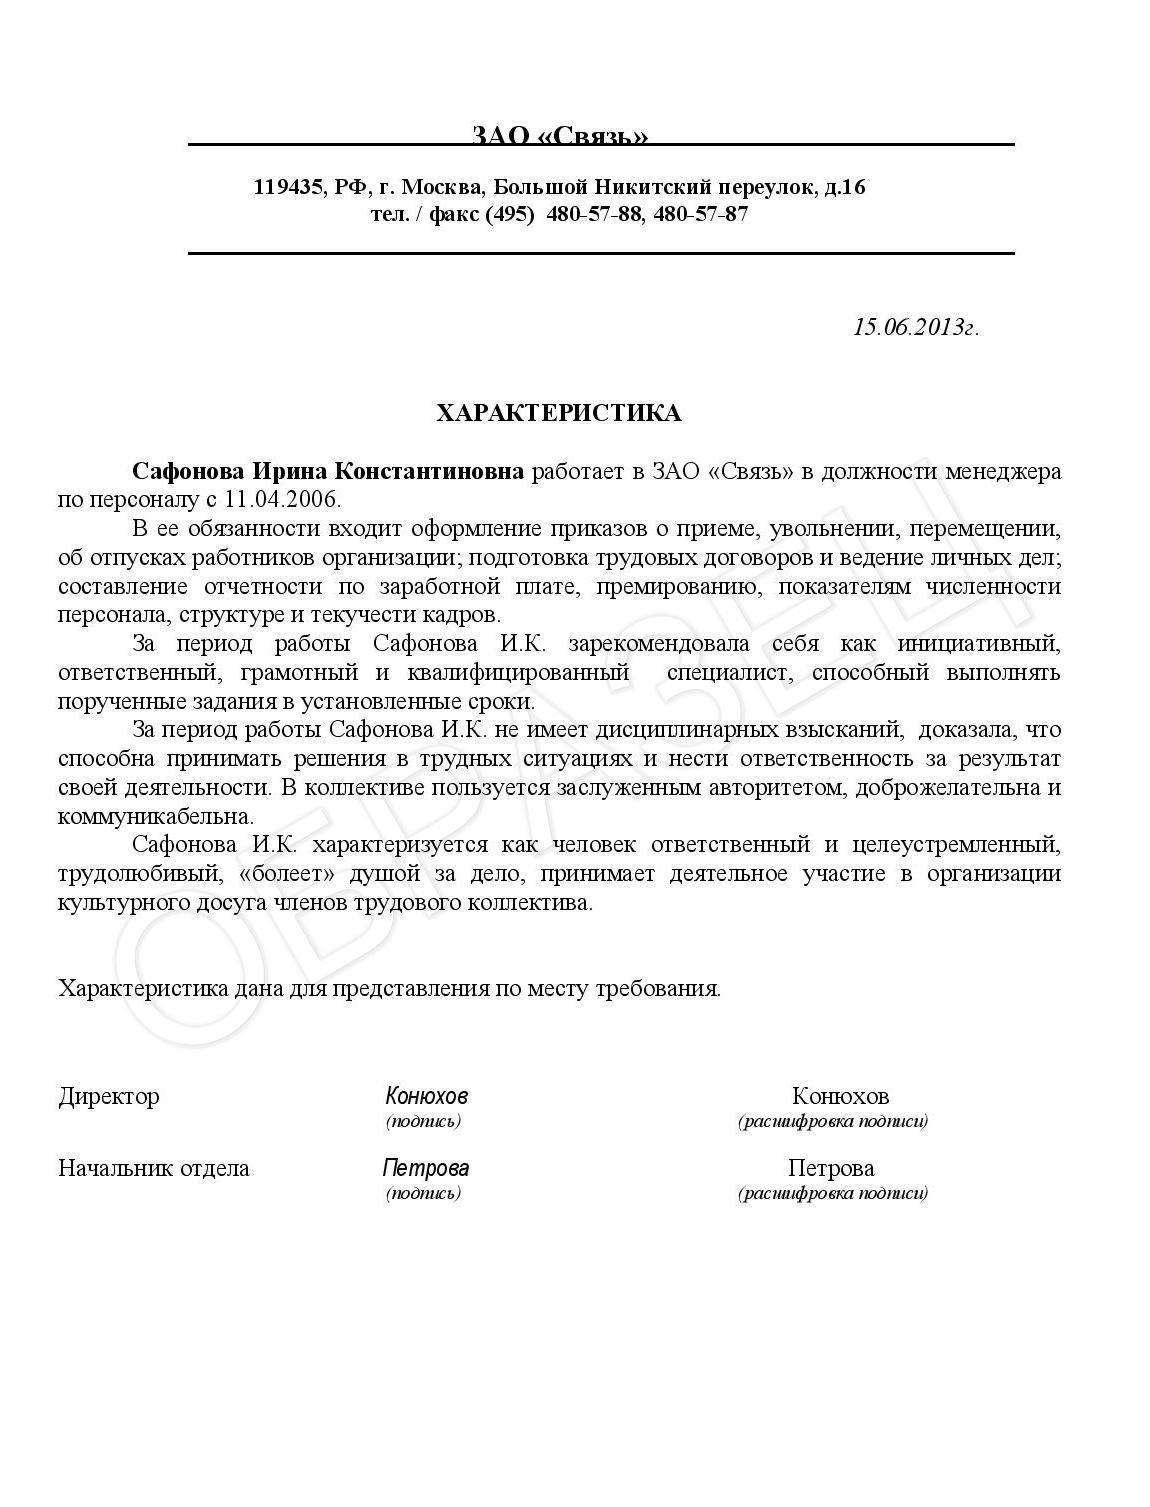 Закупочный акт в казахстане бланк